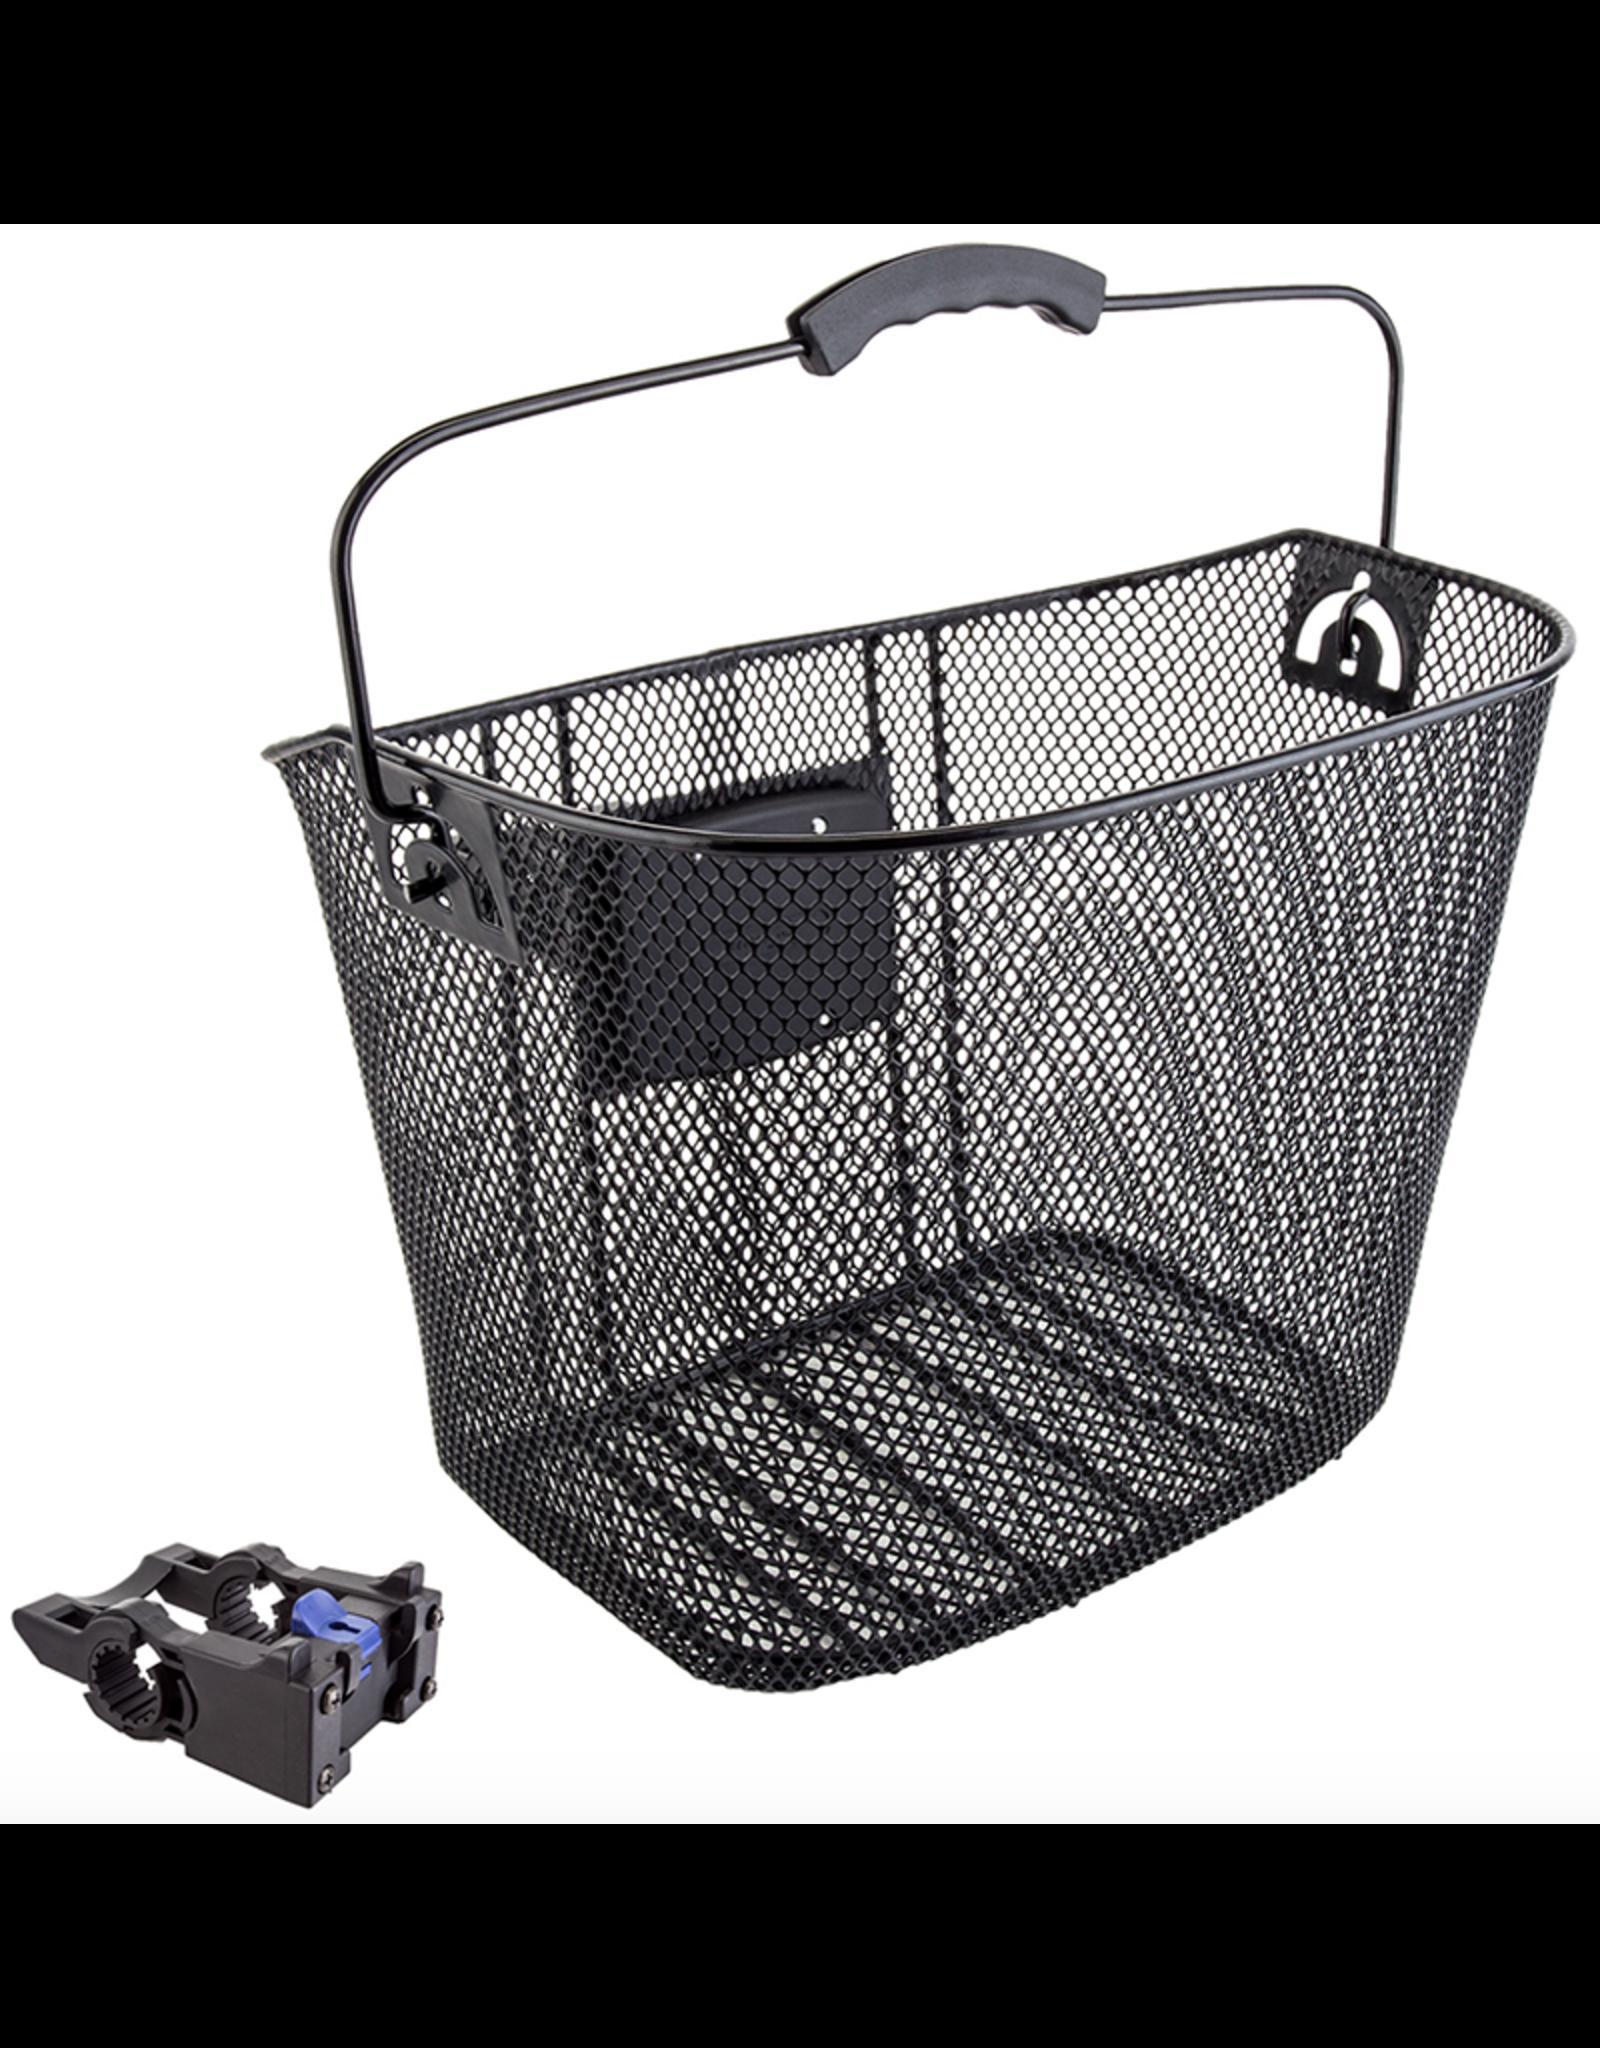 SUNLITE Mesh Front Basket: QR (25.4-31.8): Black